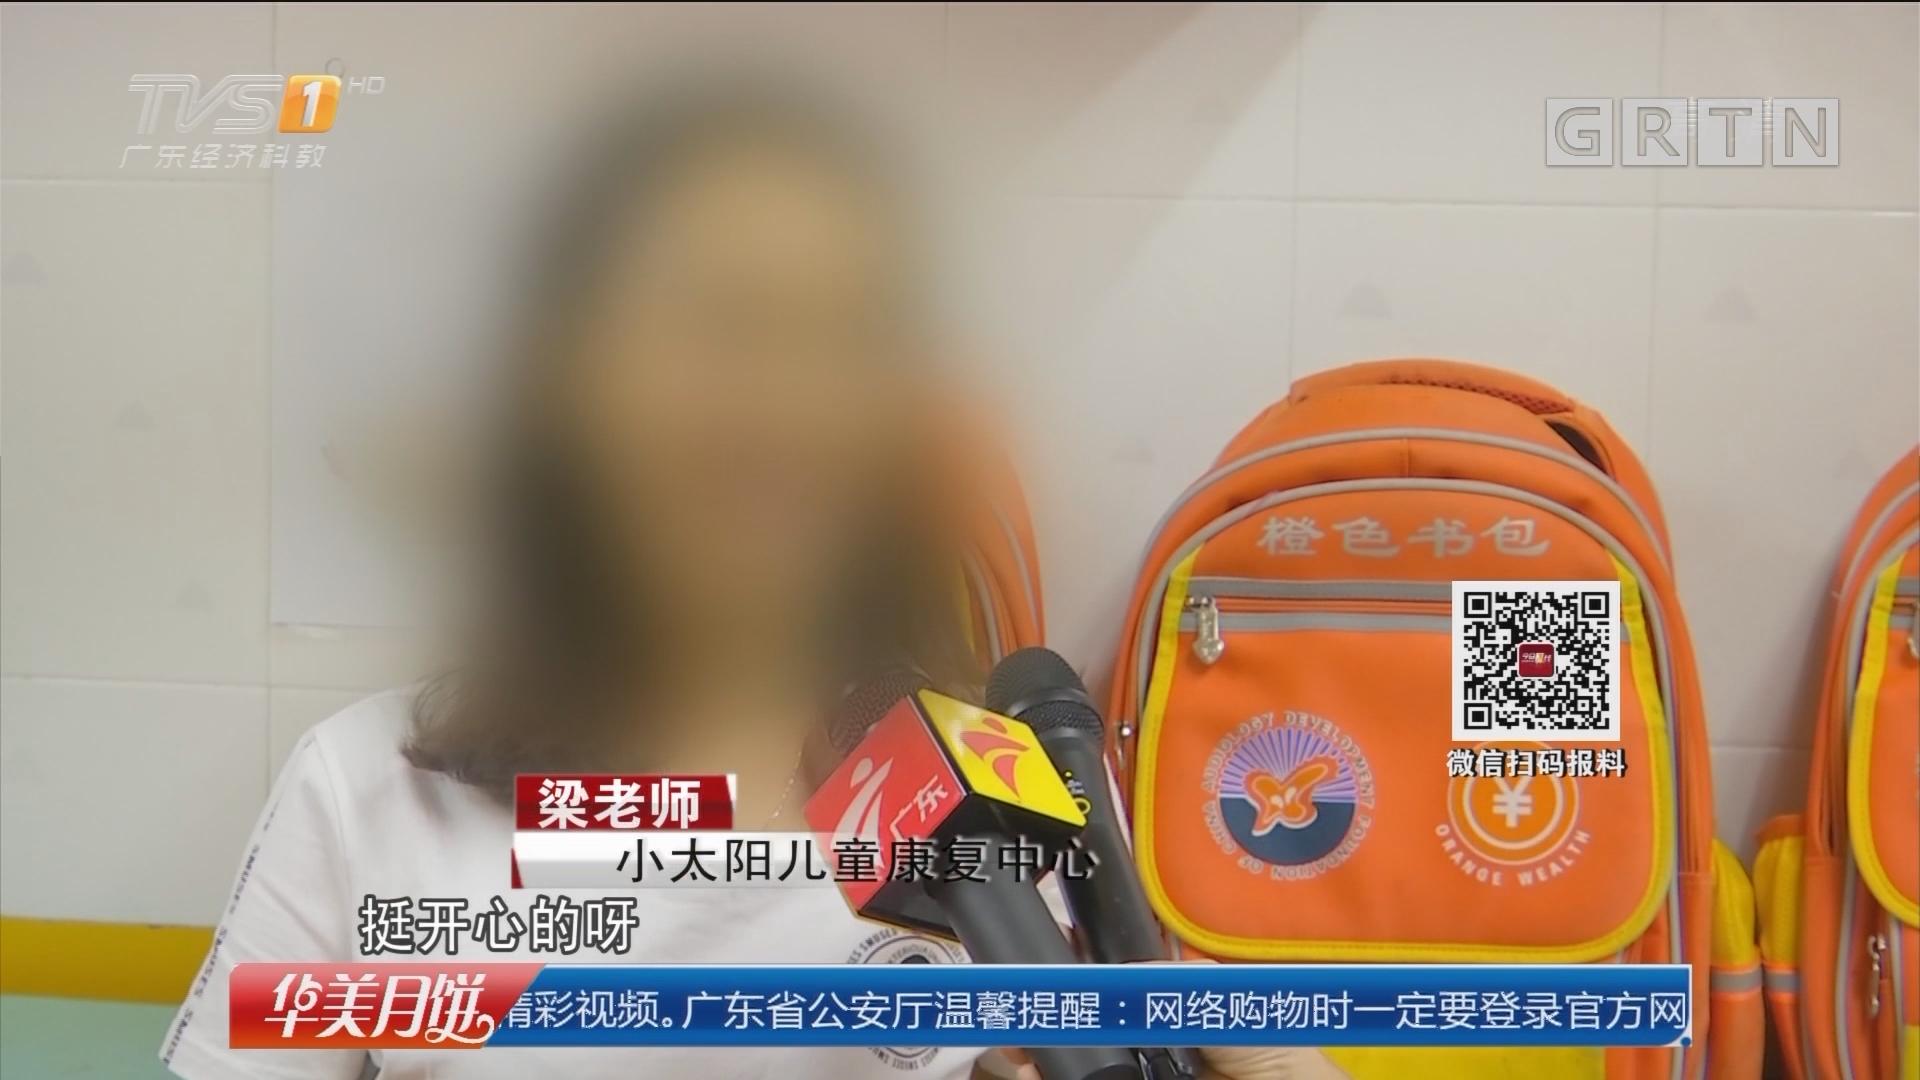 """""""橙色书包"""":为听障儿童减速的""""橙色书包""""靠谱吗?"""